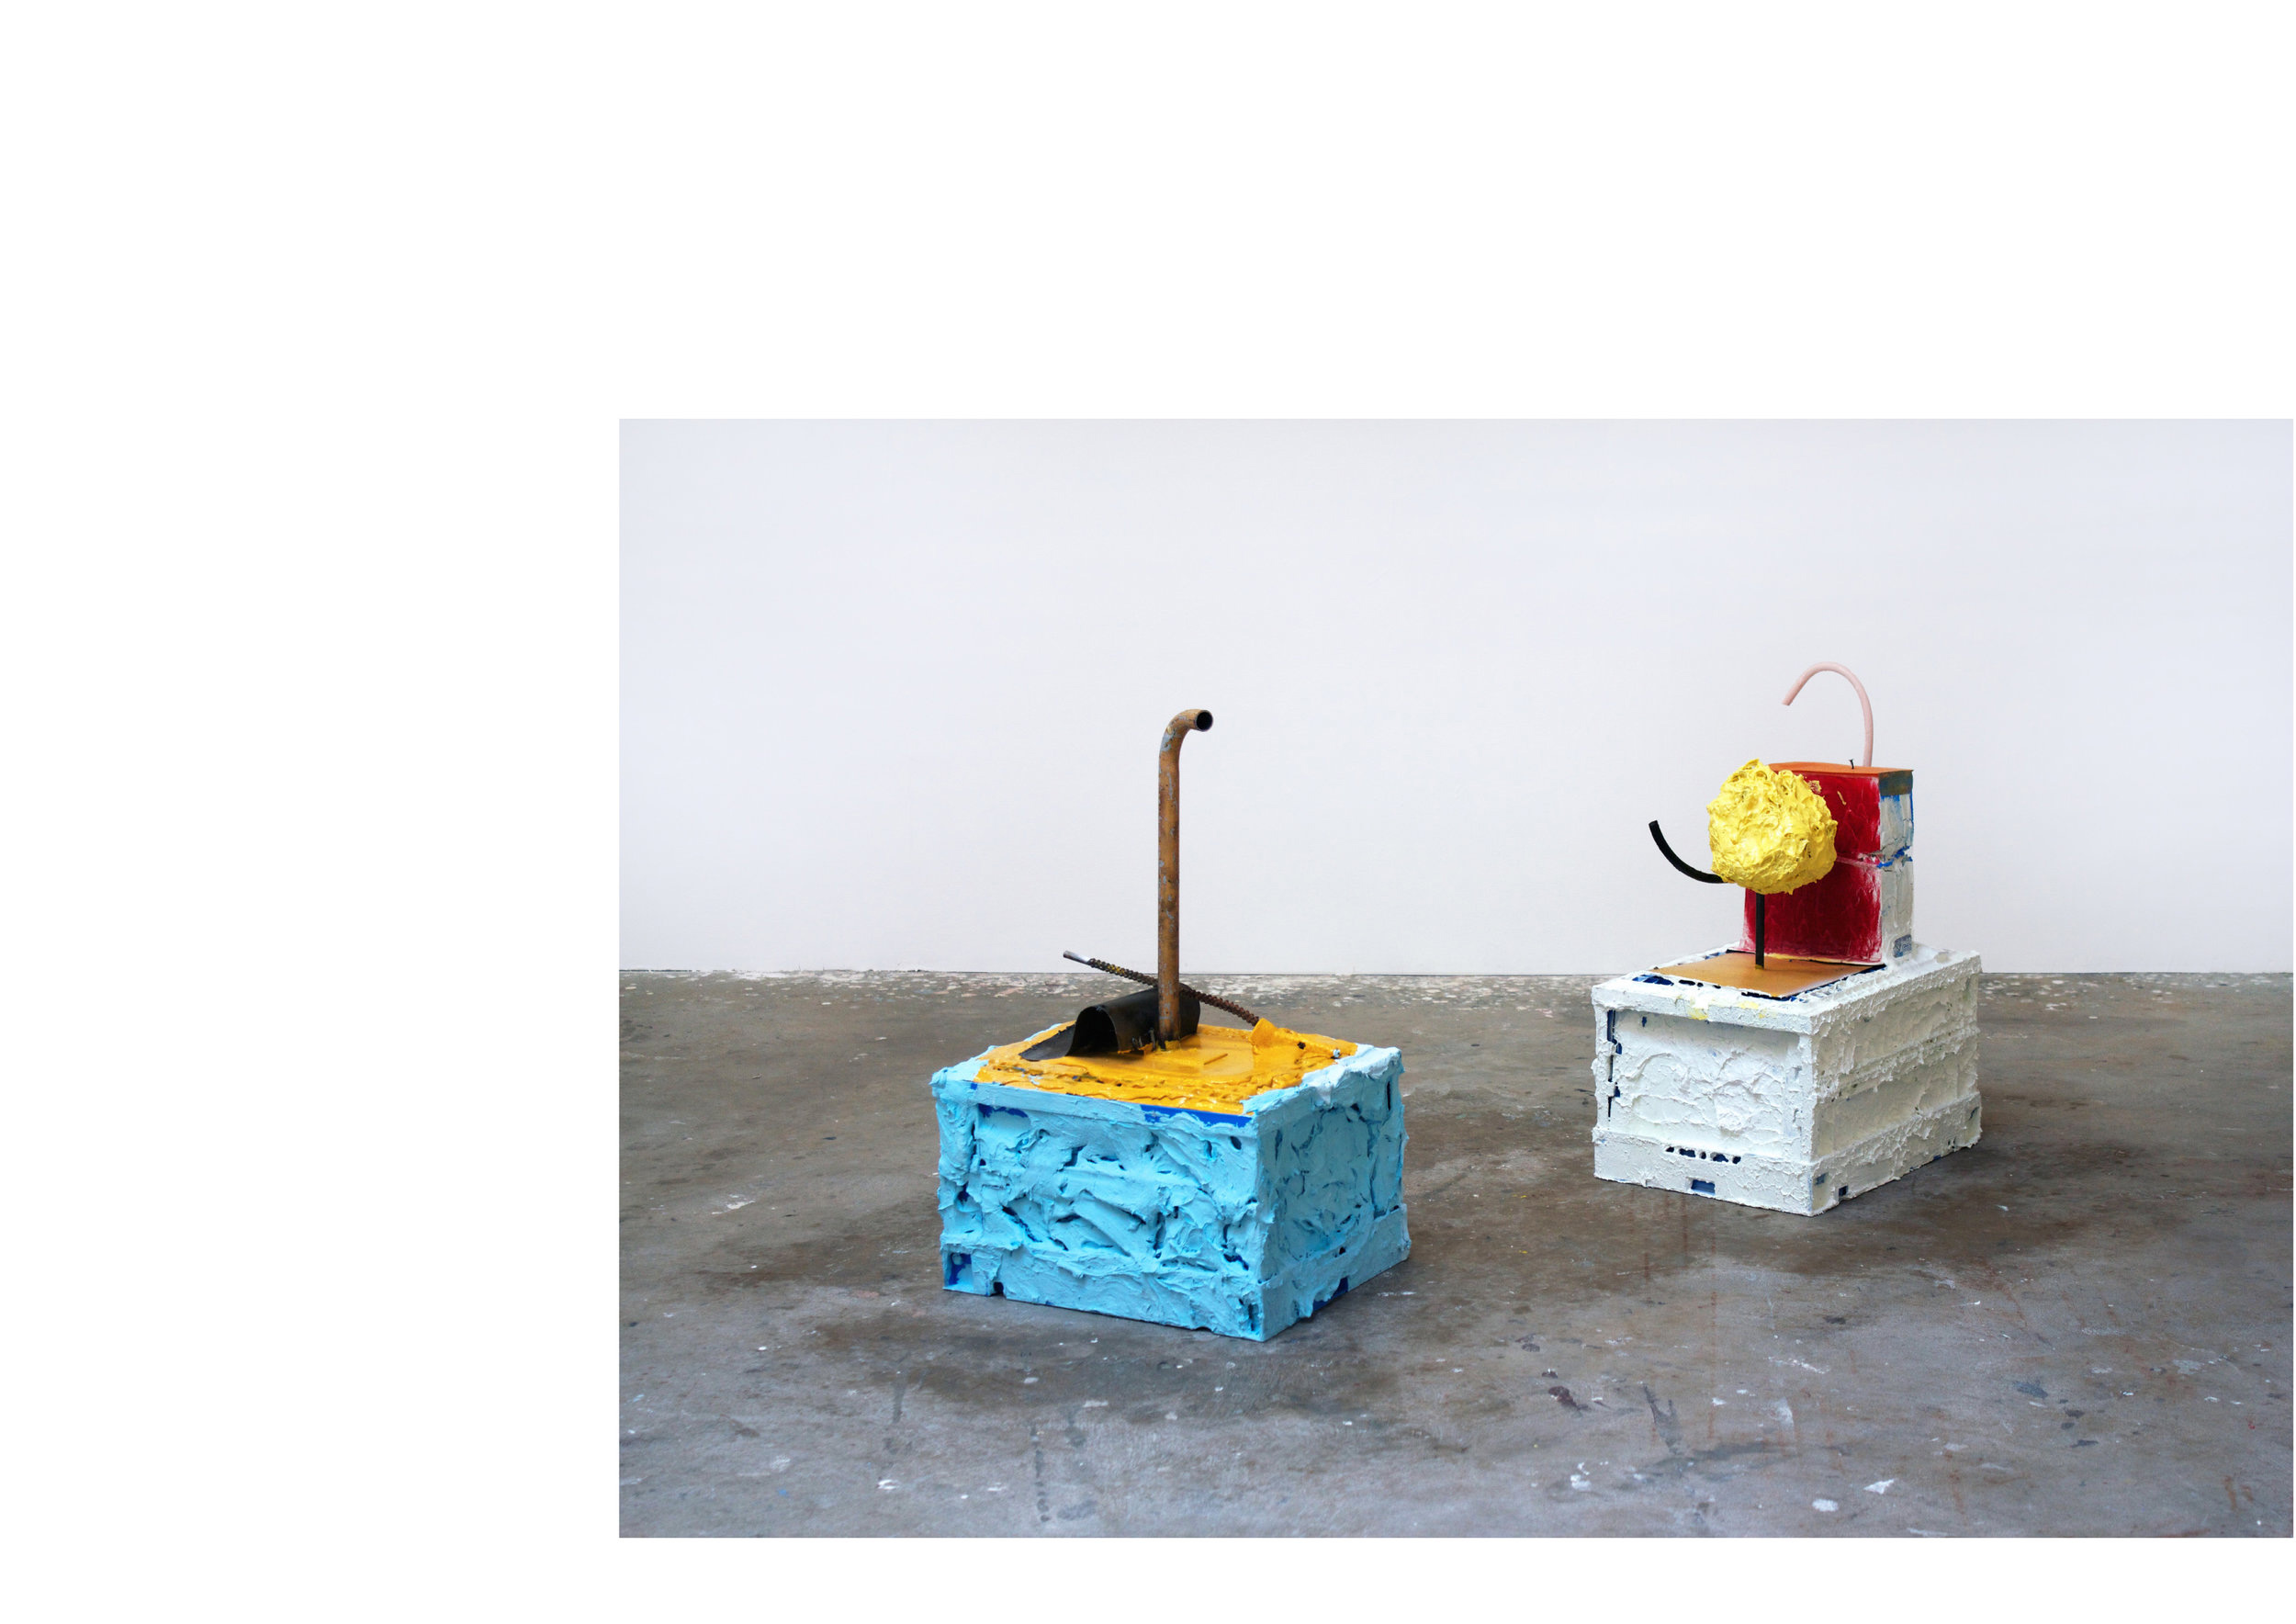 sculplture2015.jpg